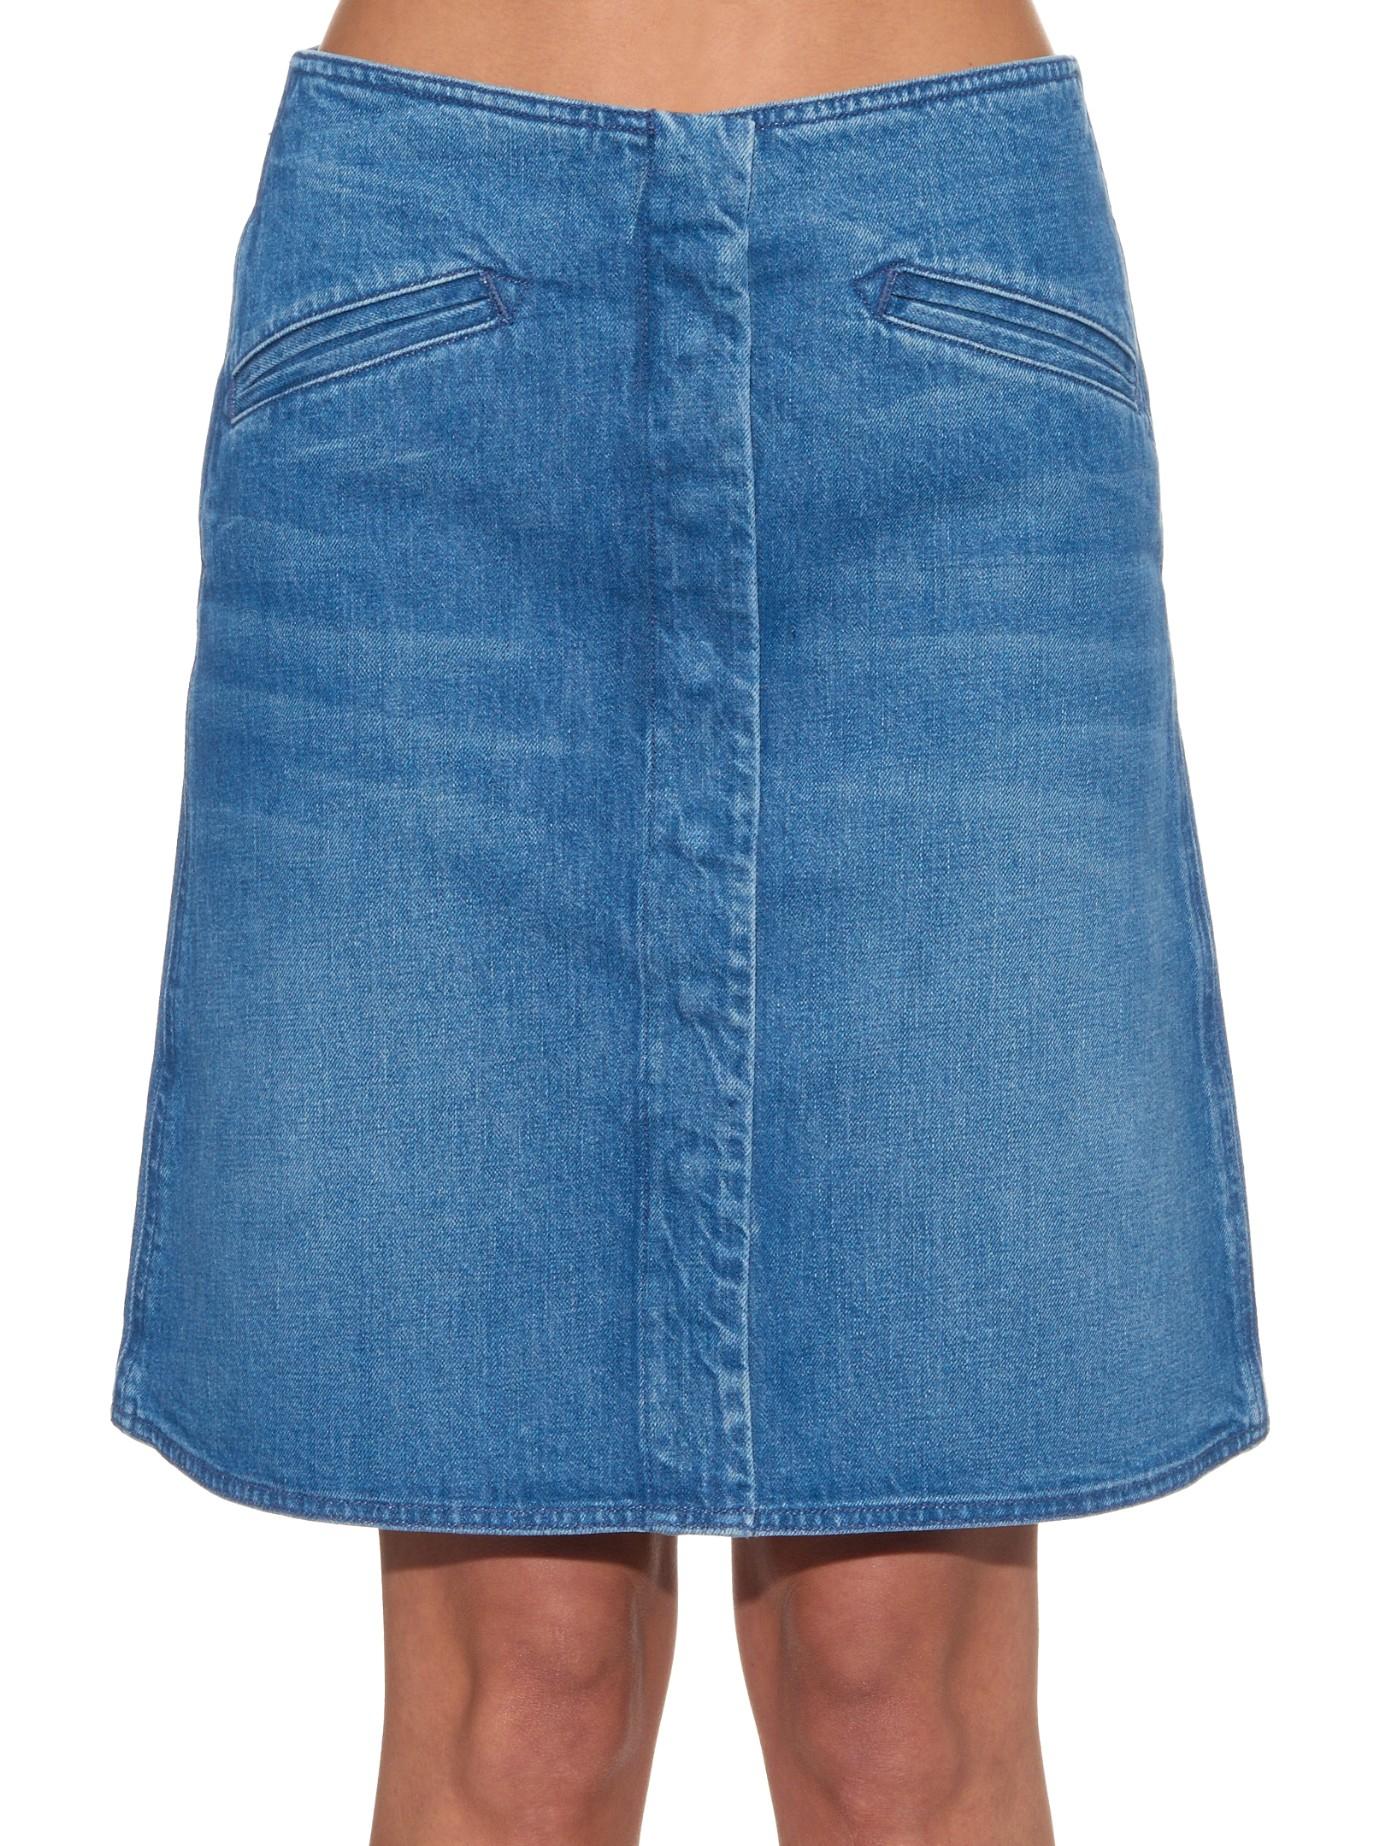 M.i.h jeans The Bodiam Denim Skirt in Blue | Lyst